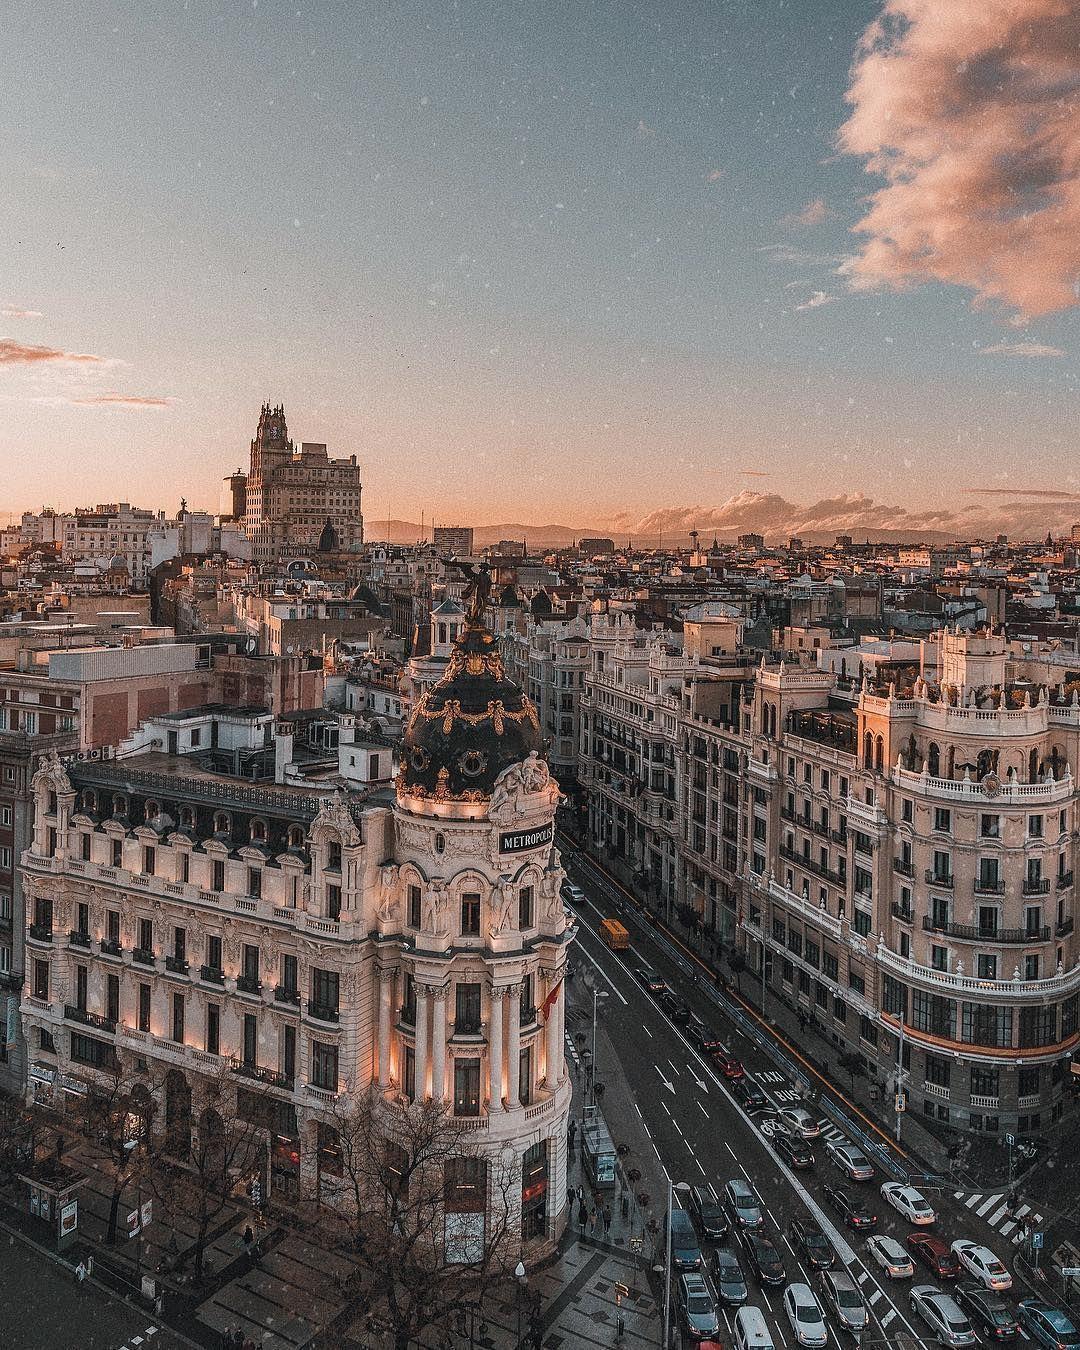 旅行先 スペイン マドリード Travel旅行先 スペイン マドリードのサークロデベラスアルテス Madrid Spain Madridphotography Madridspa In 2020 Madrid Spain Travel Travel Destinations Photography City Aesthetic